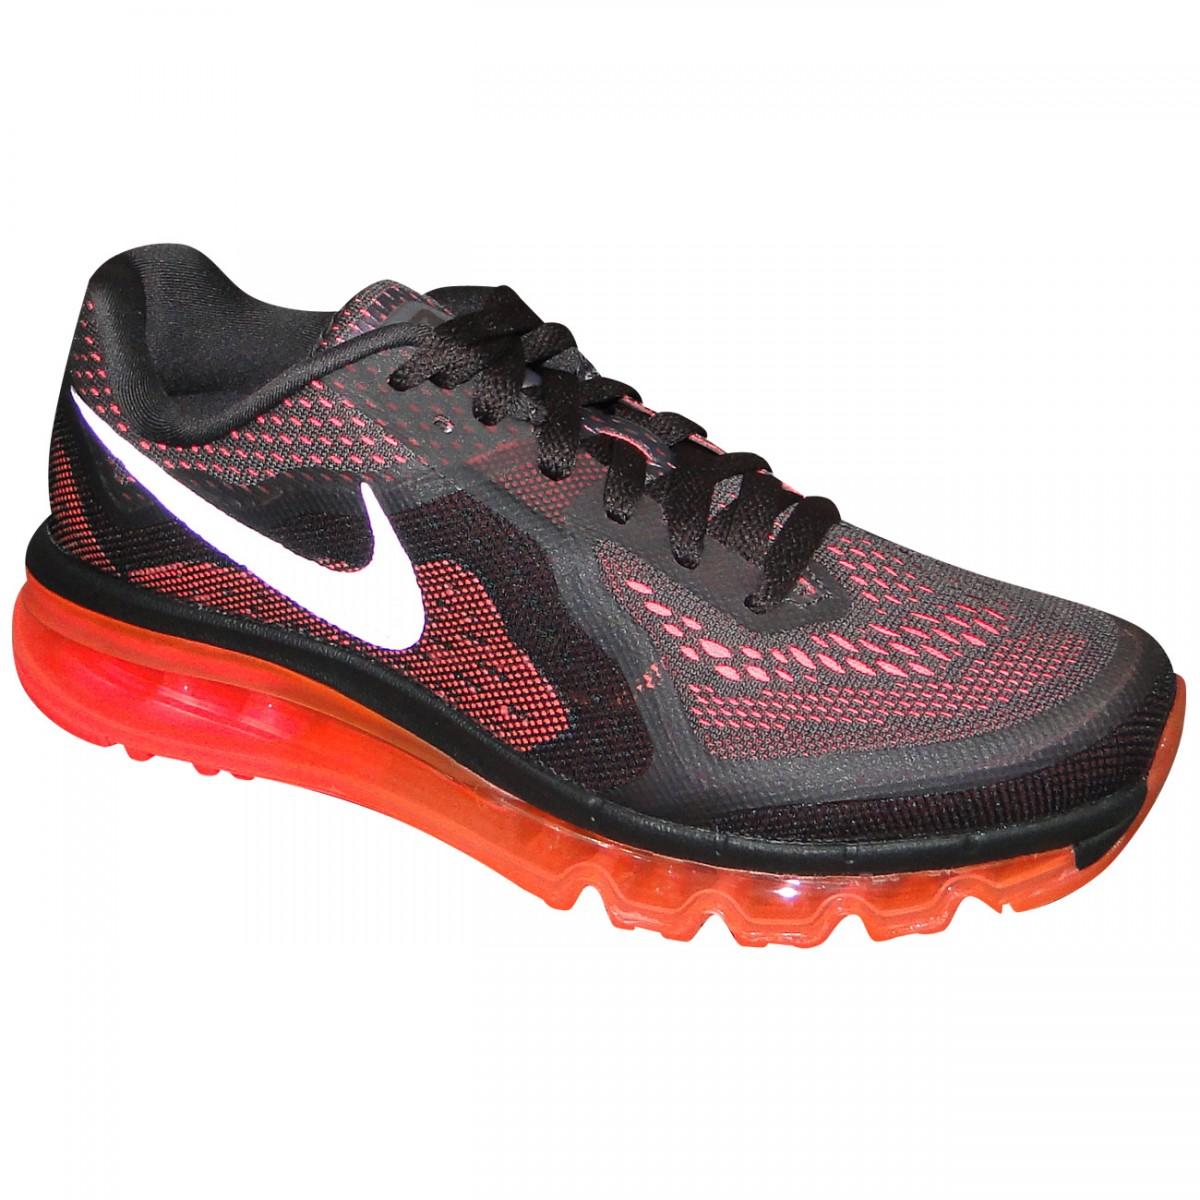 200cf71ce4e Tenis Nike Air Max 2014 621078 200 - Preto Coral - Chuteira Nike ...